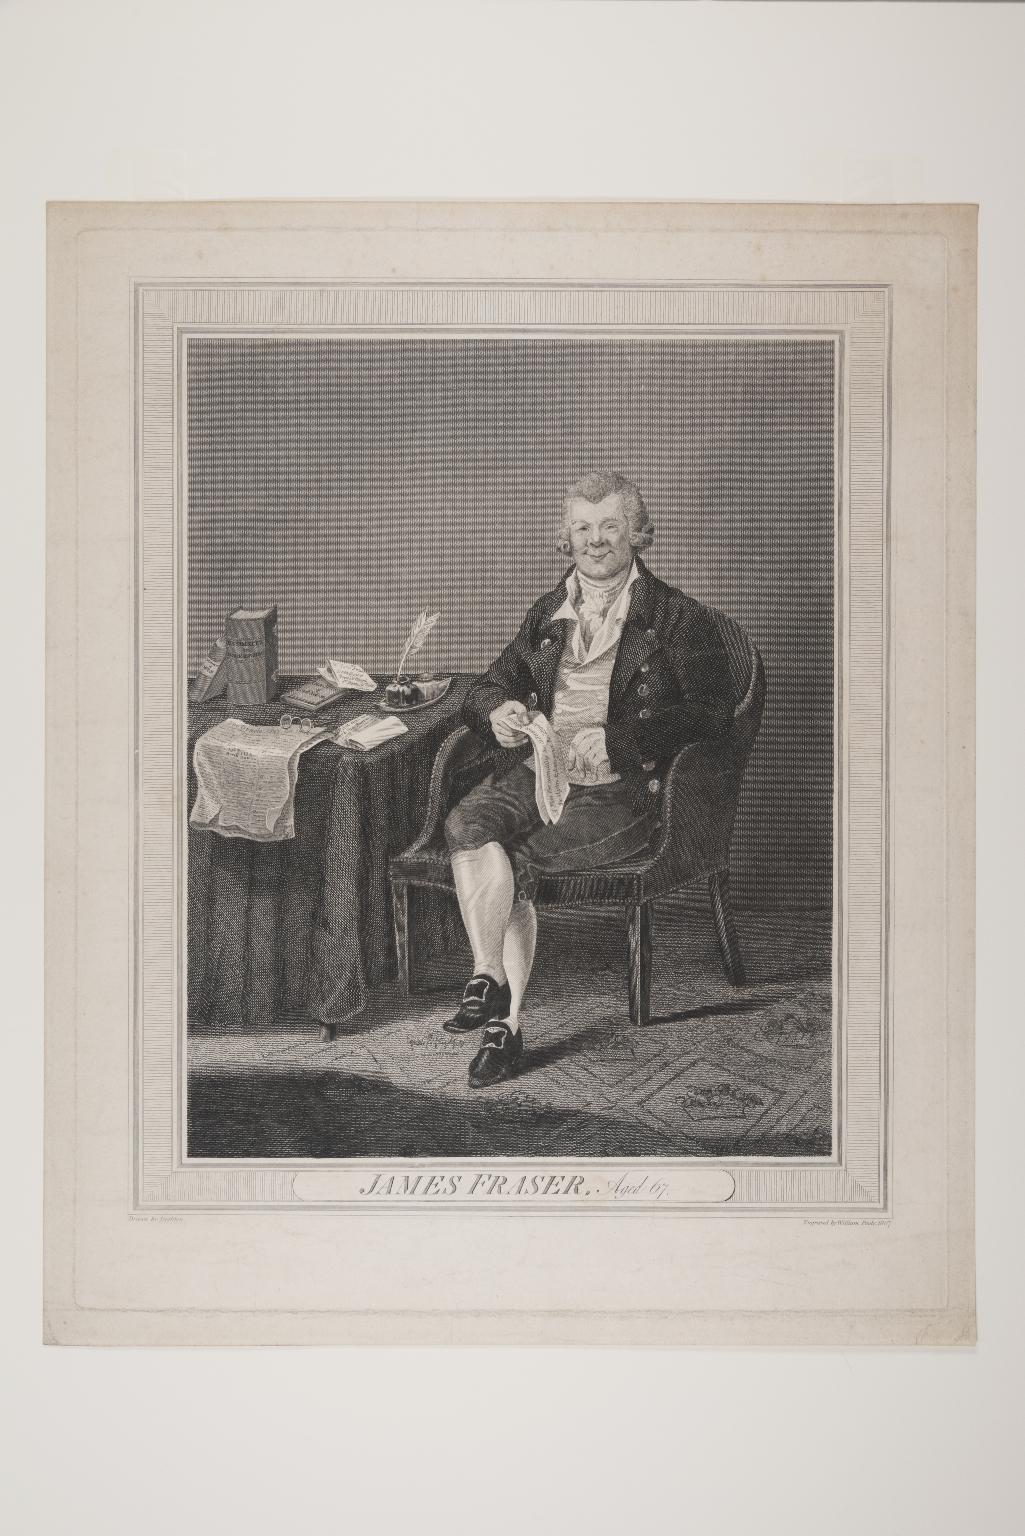 James Fraser, aged 67